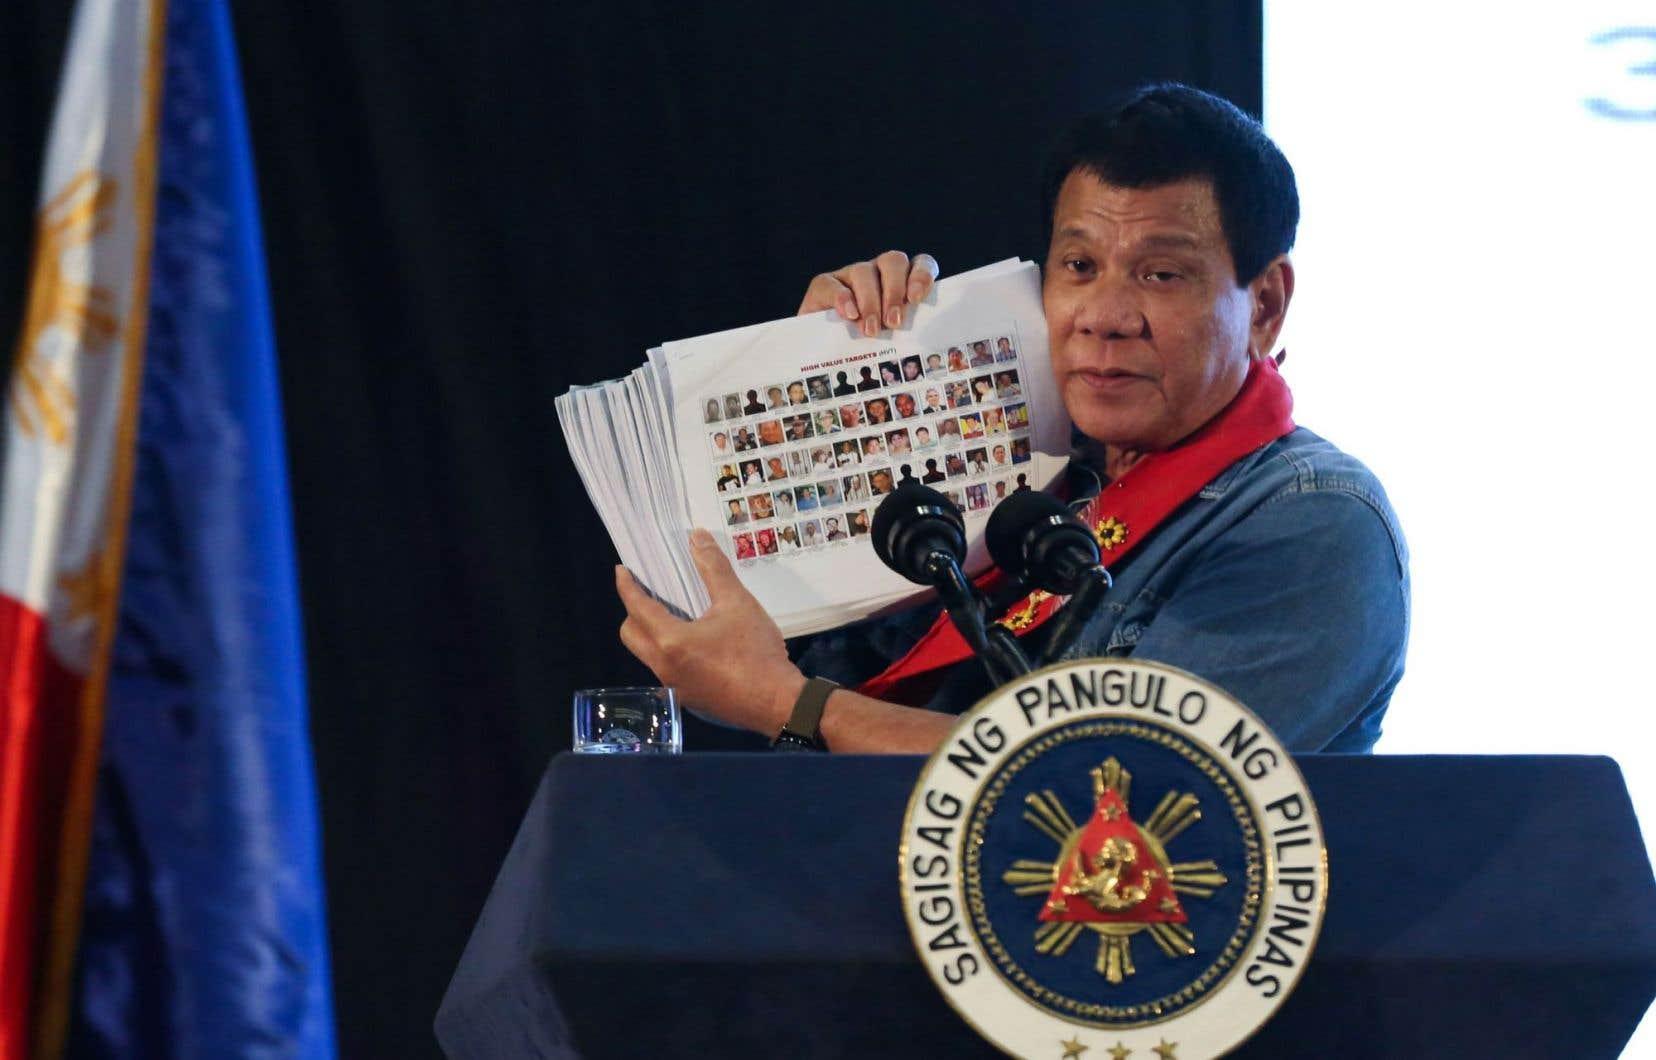 Amnistie internationale souligne l'impact délétère des «marchands de peur» que sont devenus certains chefs d'État, dont Rodrigo Duterte. Sur cette photo, le dirigeant philippin montre une liste de hauts placés du gouvernement qu'il lie au trafic de drogue.